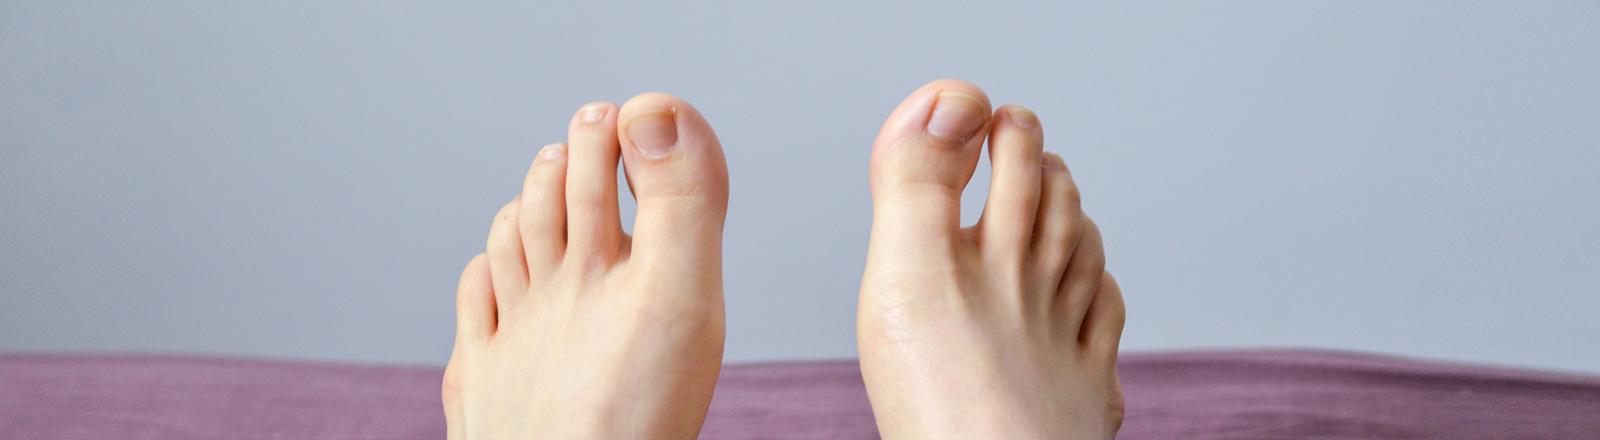 Zwei Füße schauen aus einer Bettdecke heraus.